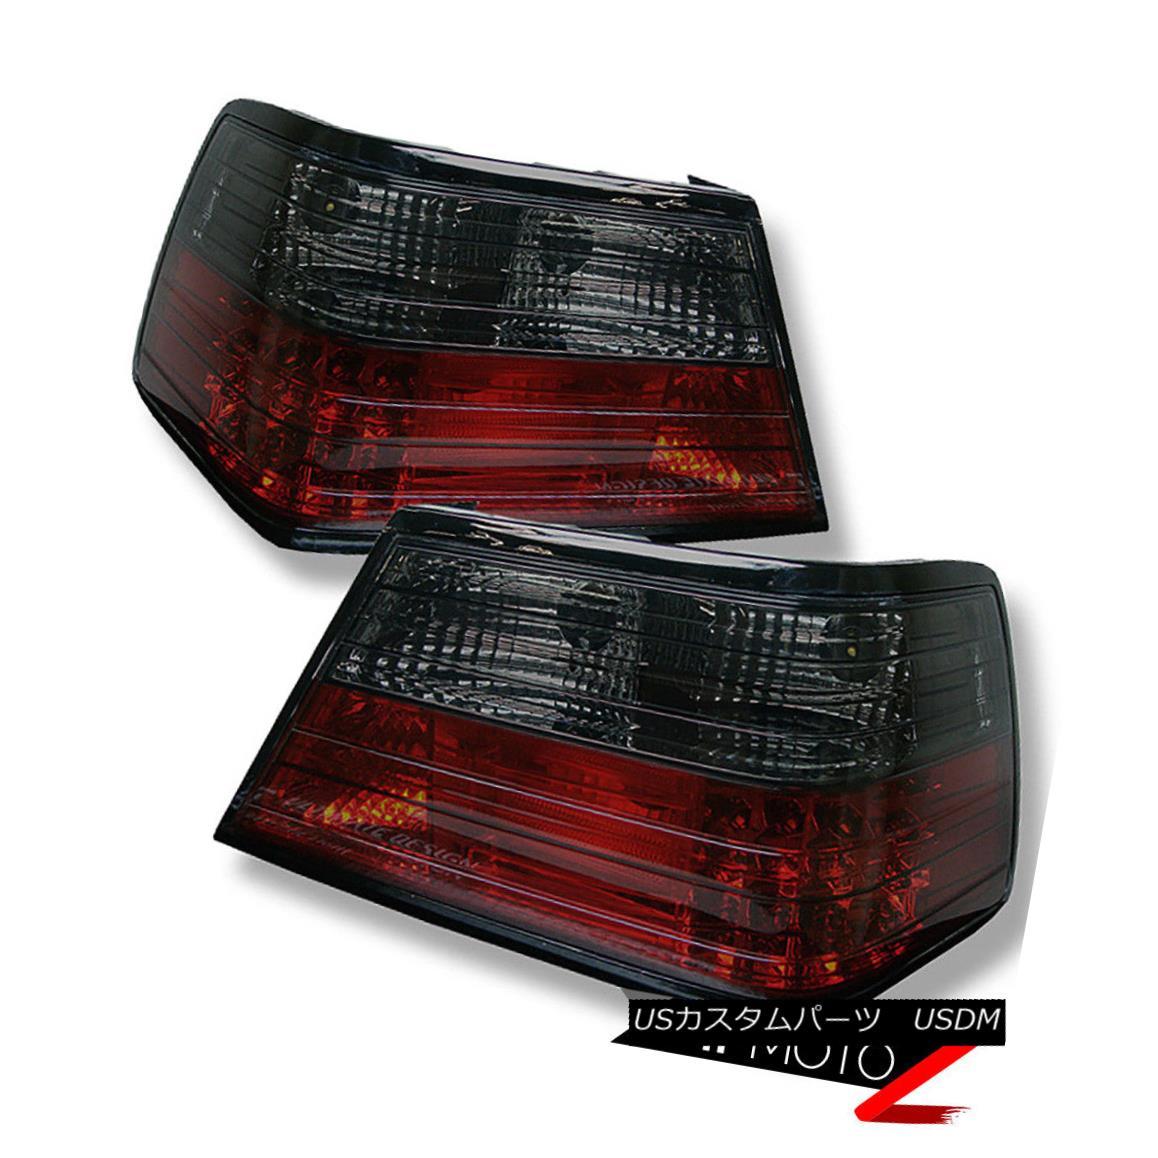 テールライト M-Benz 86-95 RED/SMOKE 300E/400E/500E 4MATIC LED Tail Light Brake Signal Lamp M-Benz 86-95 RED / SMOKE 300E / 400E / 500E 4MATIC LEDテールライトブレーキ信号ランプ